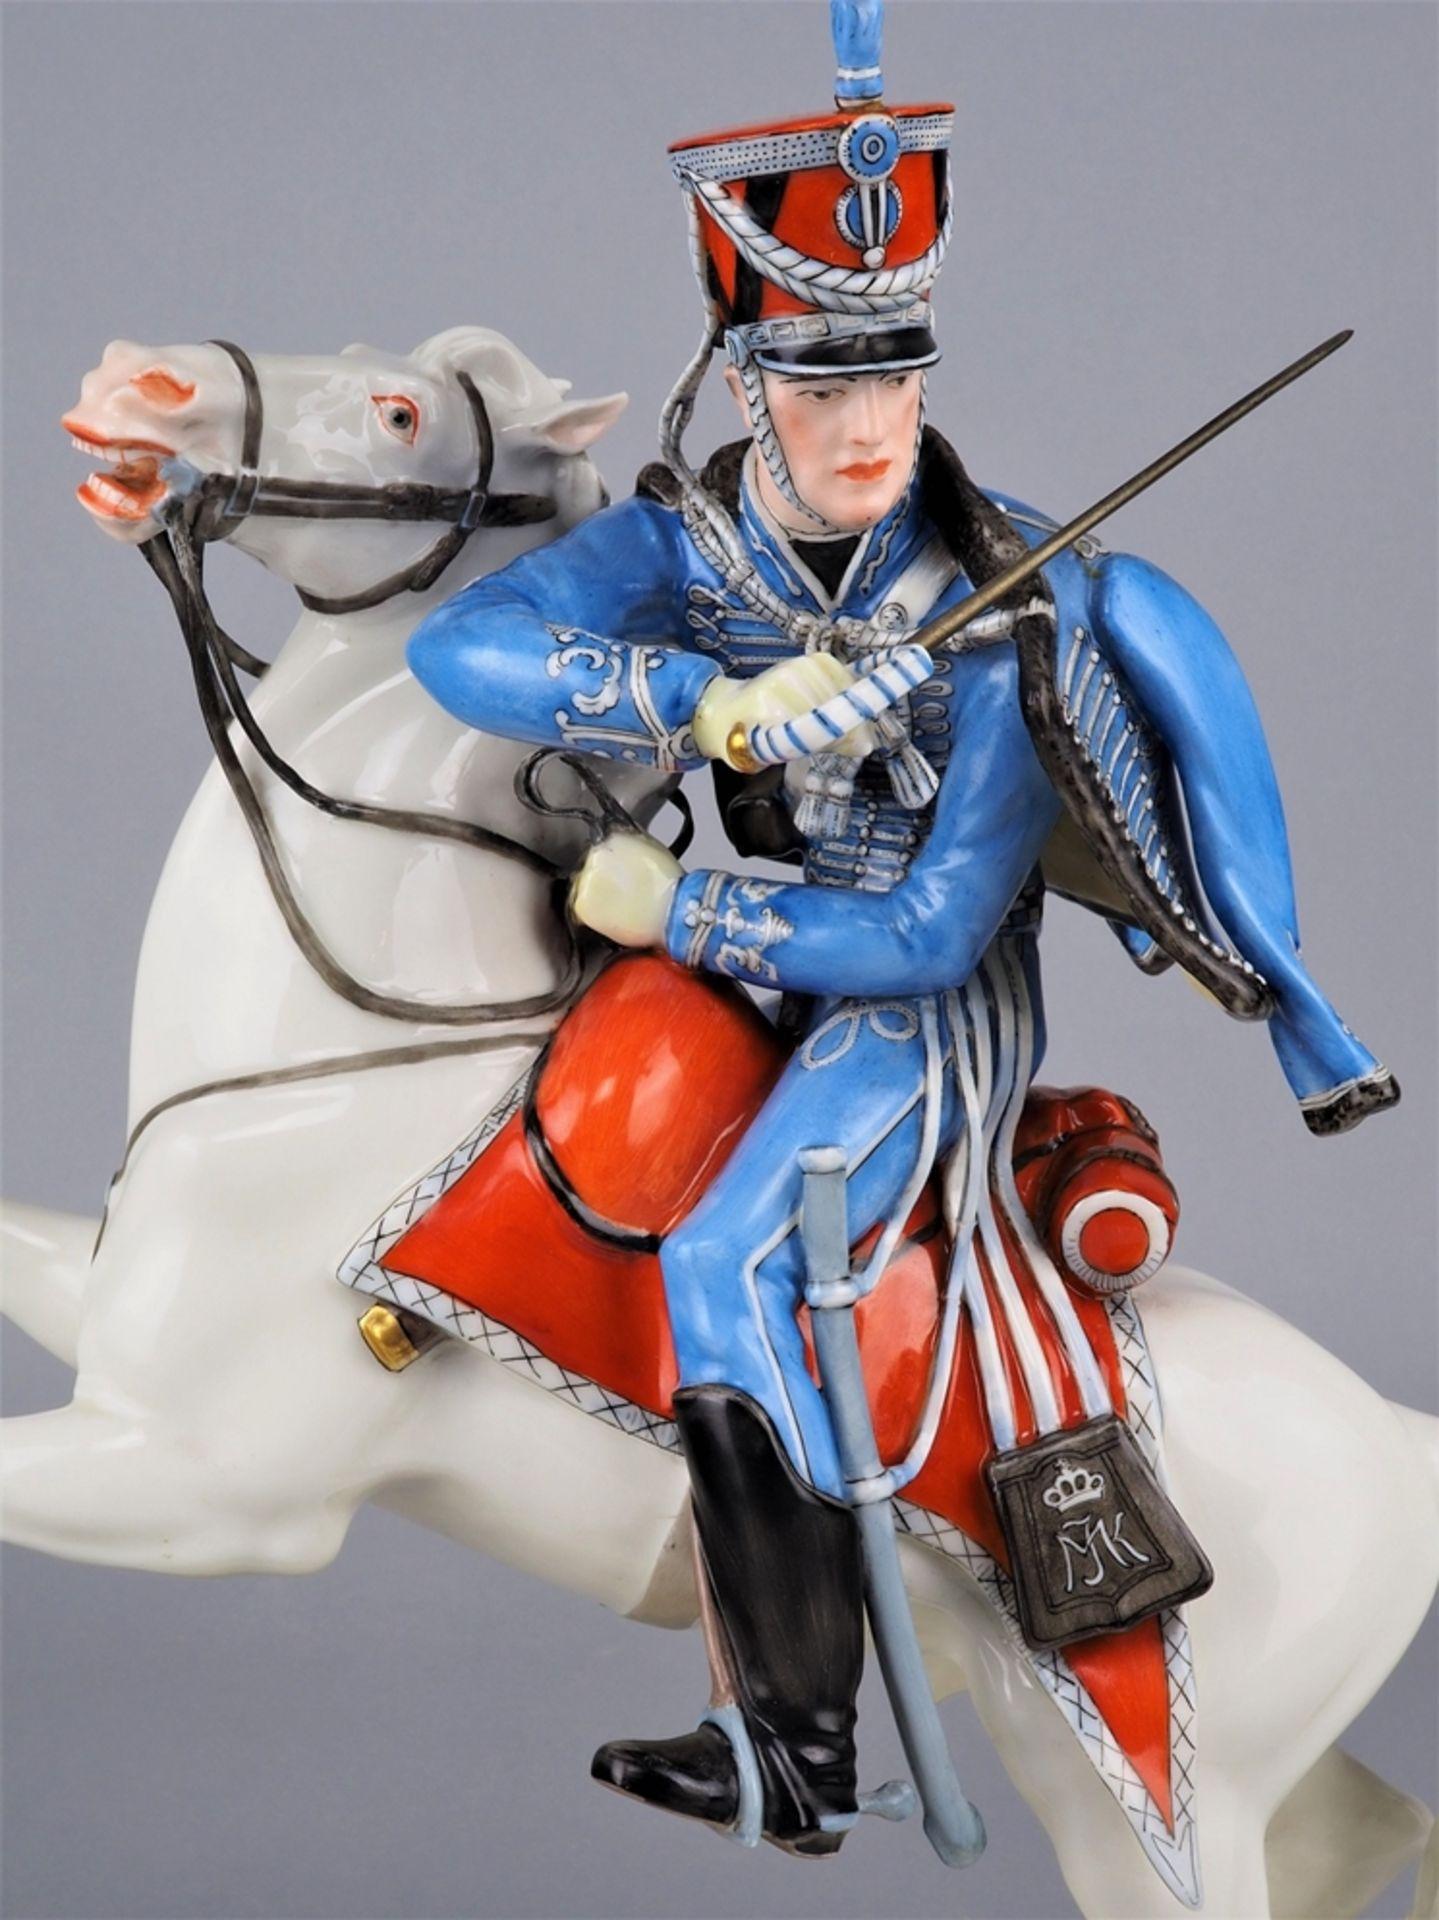 Nymphenburg Porcelain Manufactory: Officer of the 2nd Royal Bavarian Hussar Regiment on horseback. - Image 2 of 8